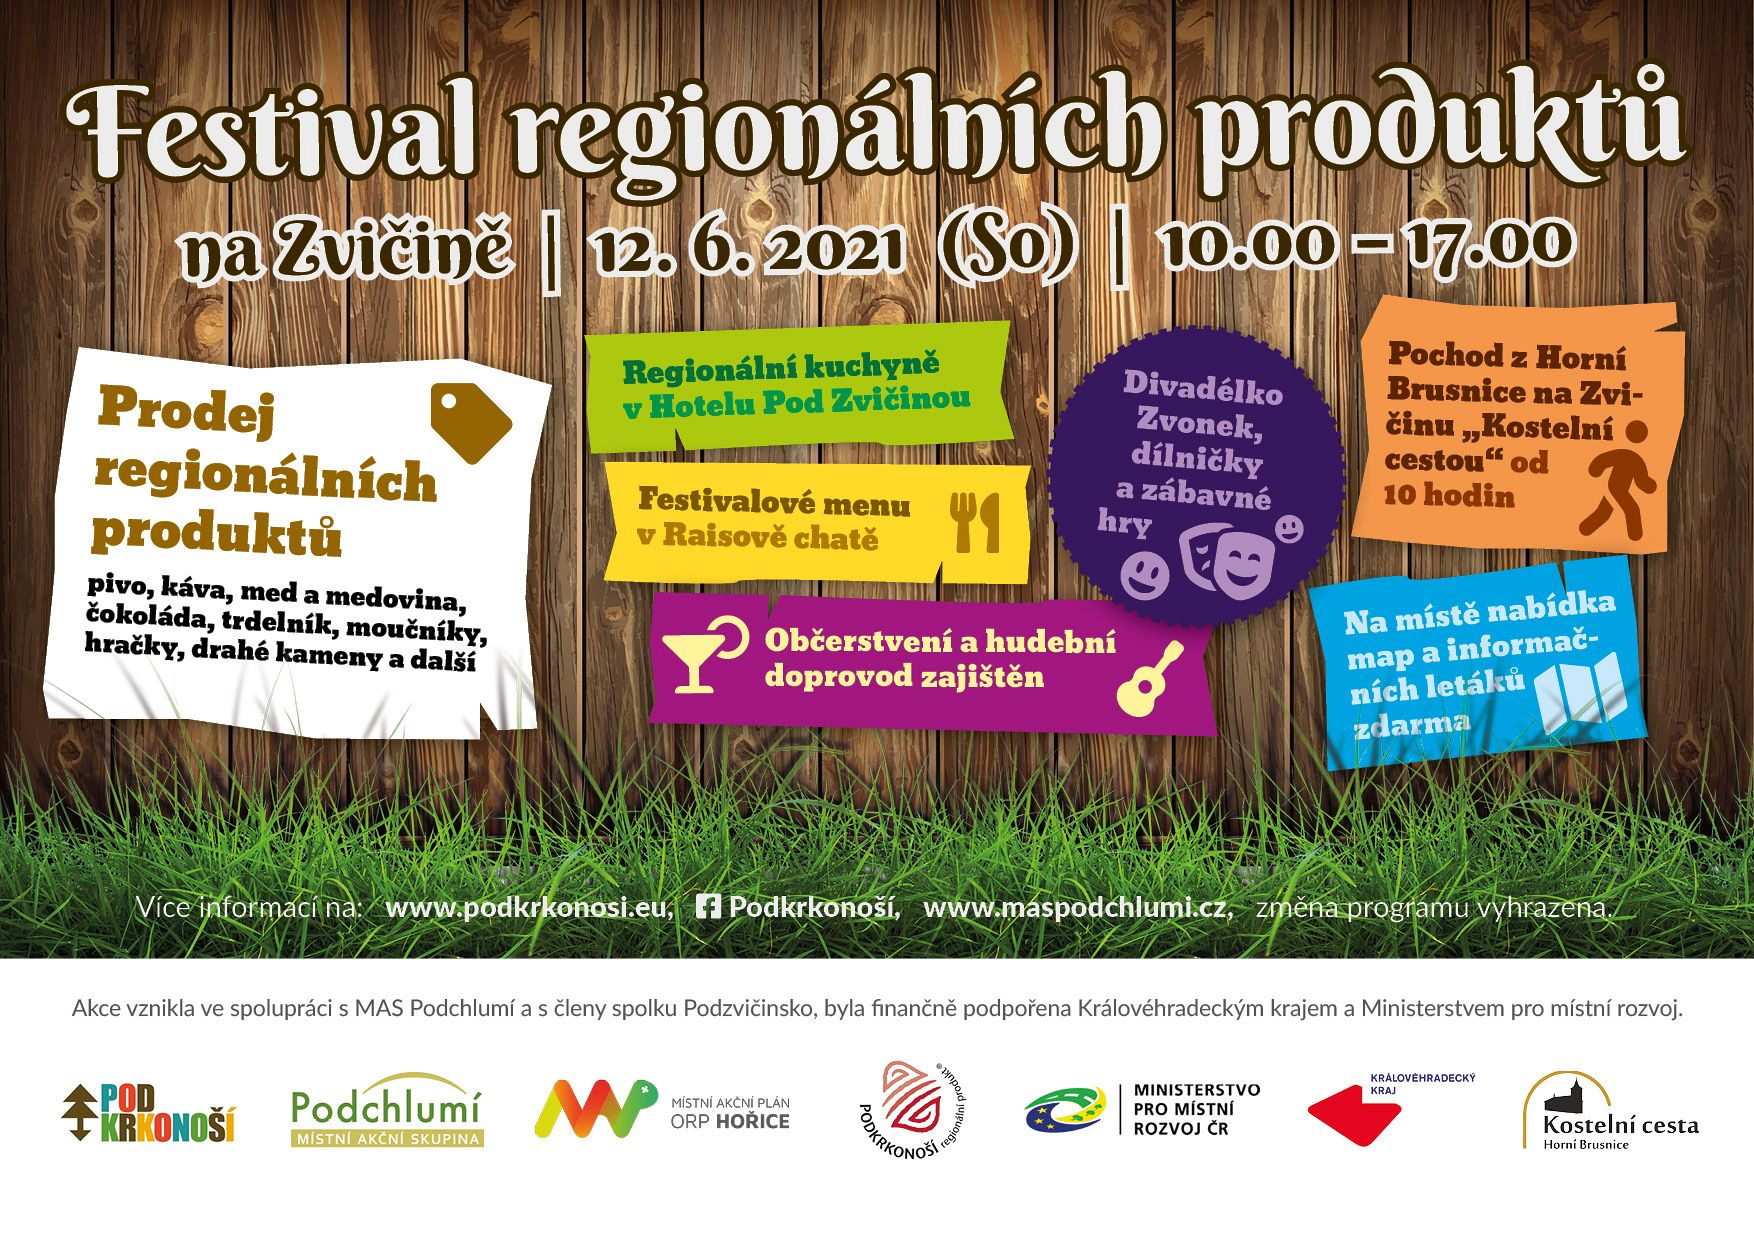 Festival regionálních produktů na Zvičině